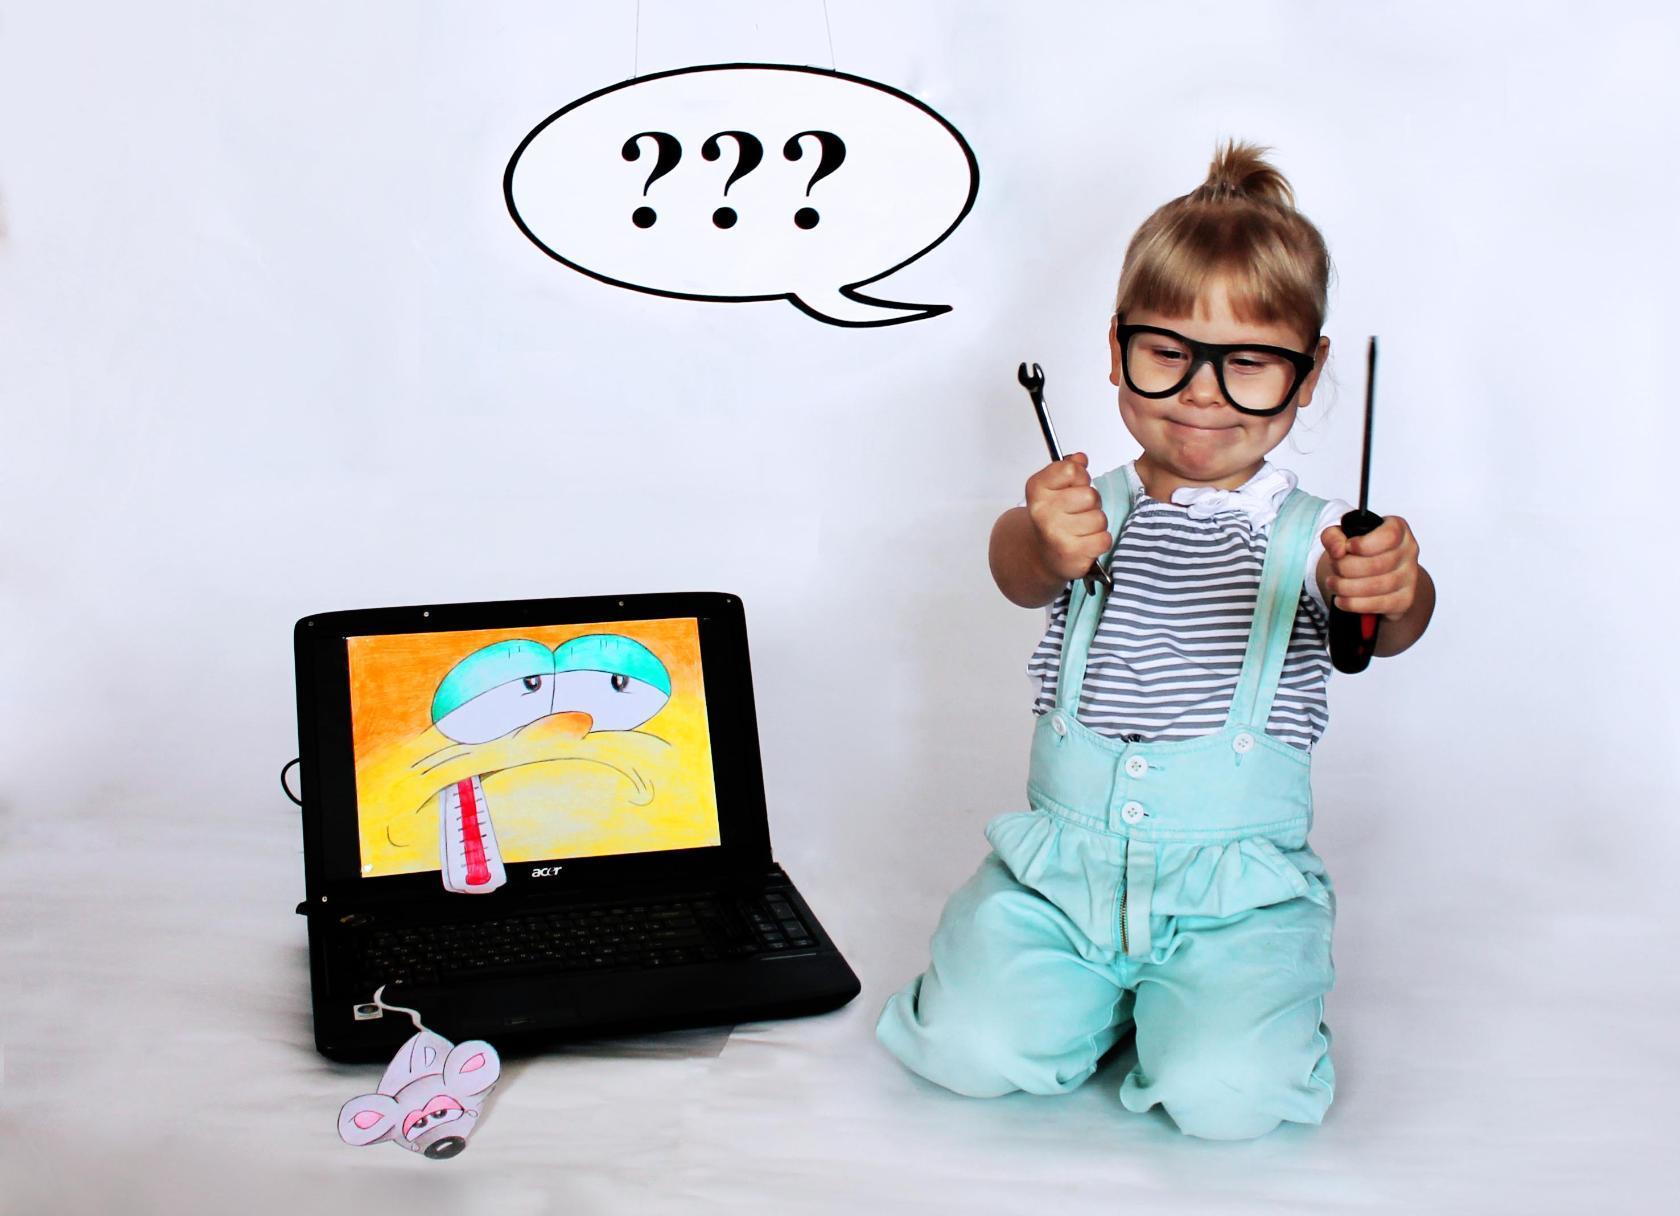 Полечим интернет))). Дети в интернете